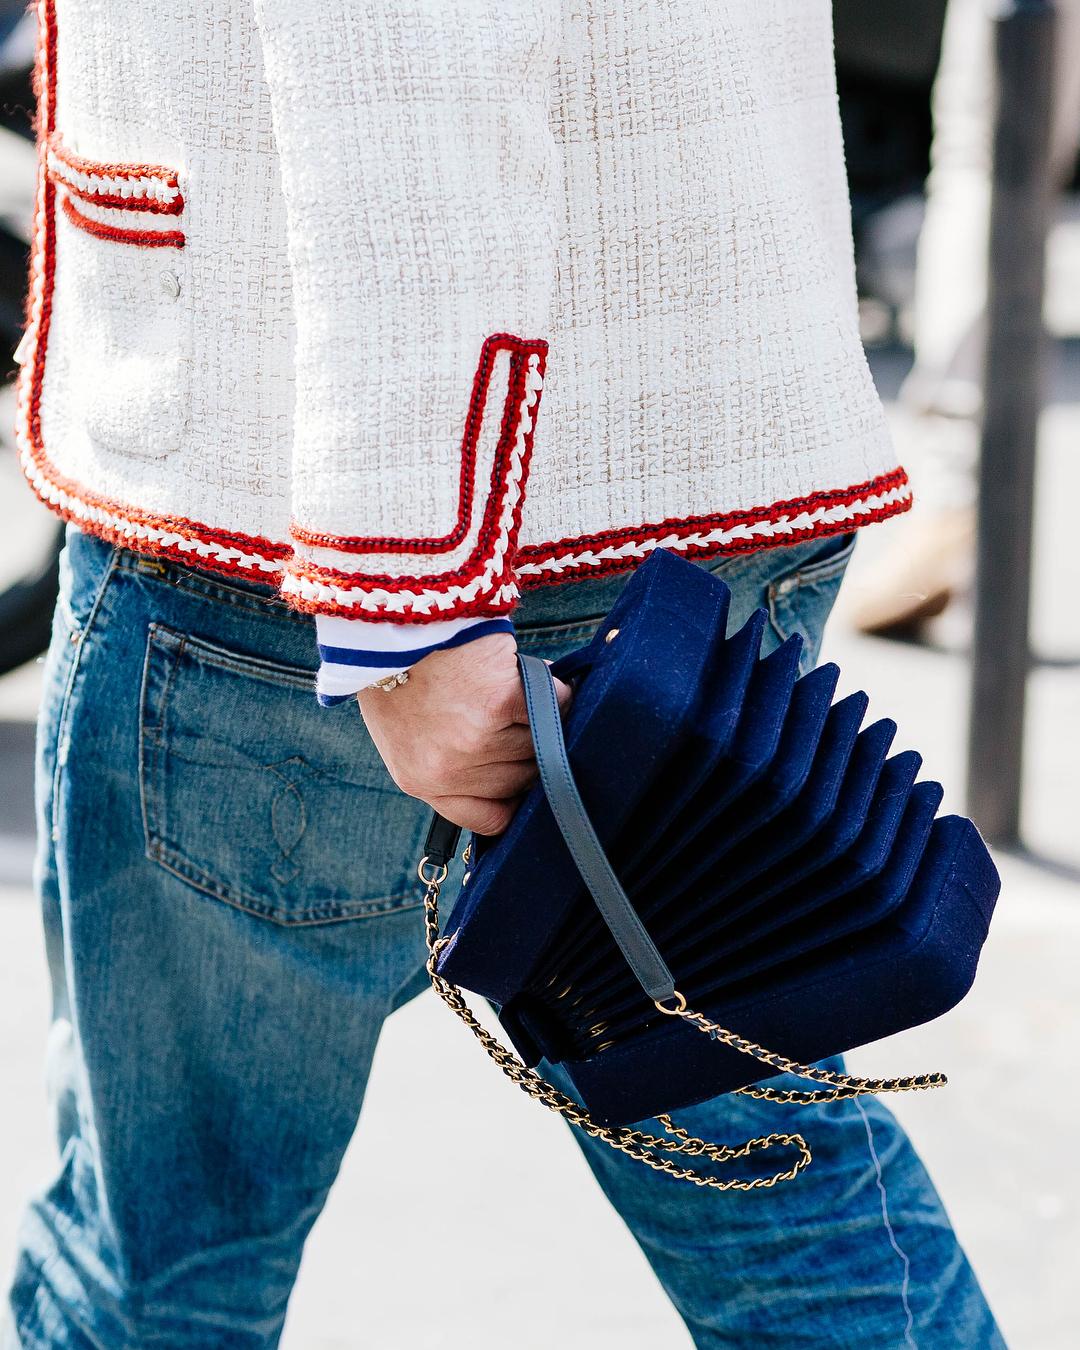 thời trang cung hoàng đạo song ngư tháng 3 6